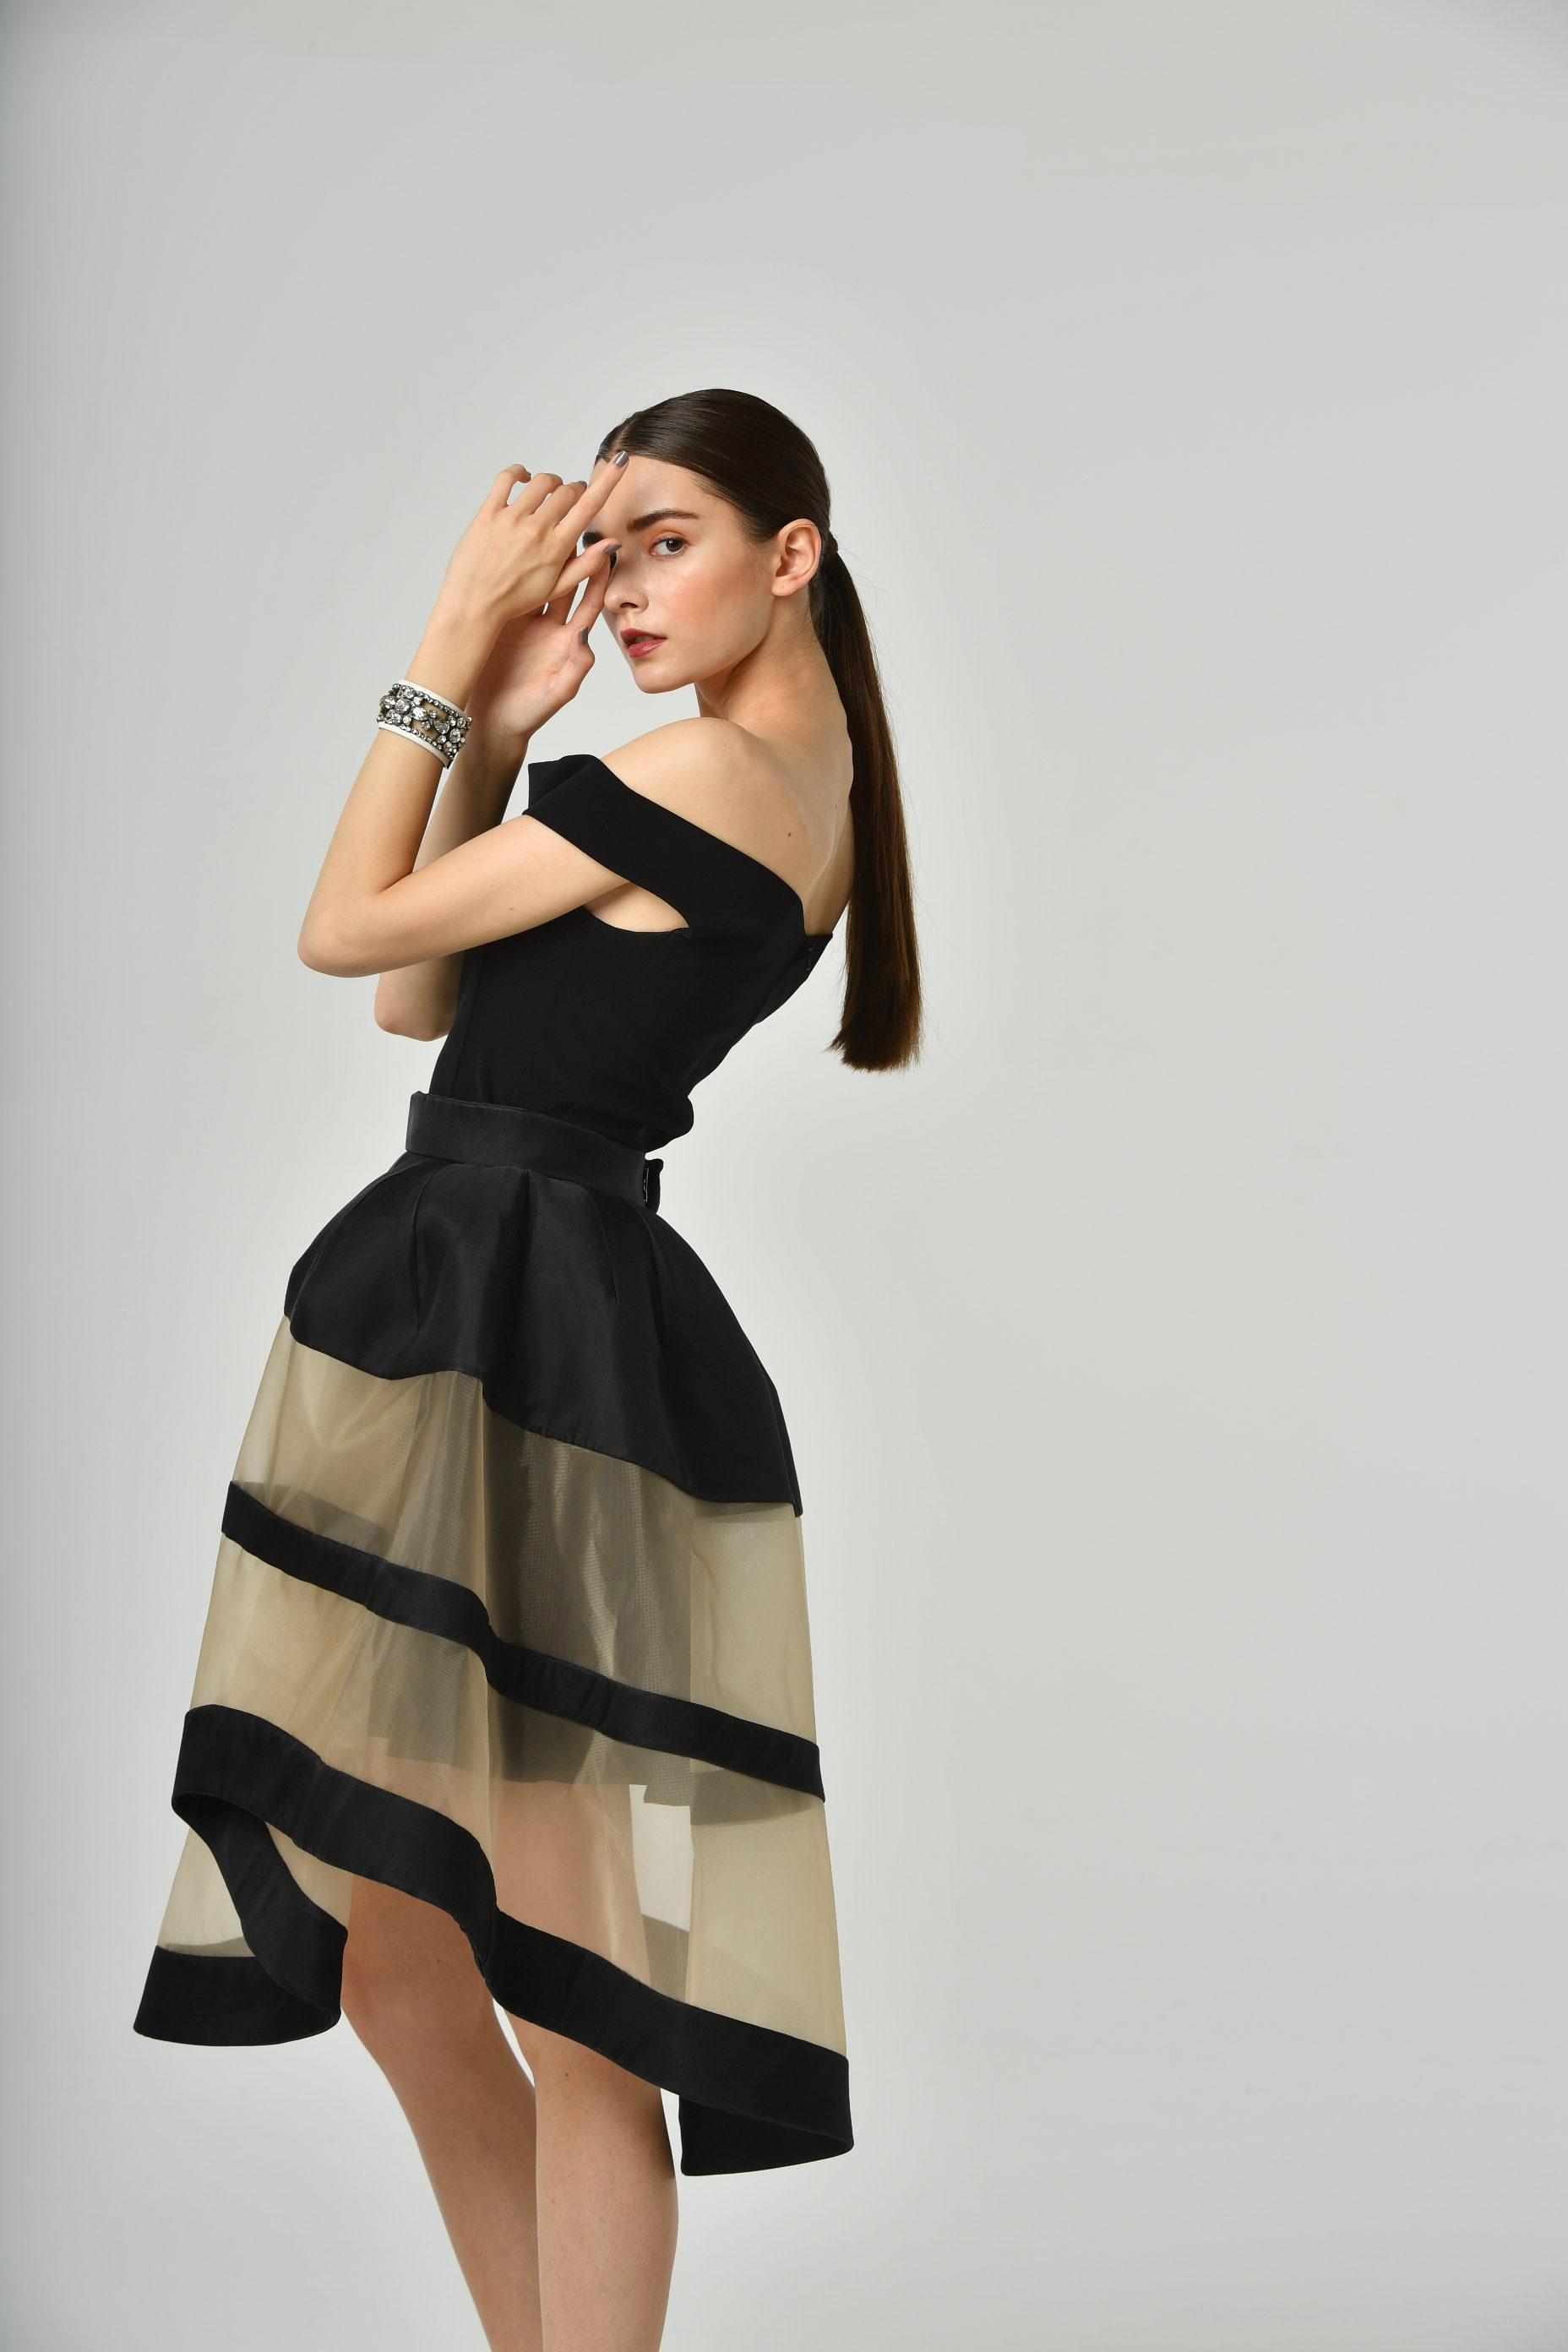 CANMAKEのCMで河北麻友子さんがお召になったDelpozo(デルポソ)の黒のボリュームスカート。